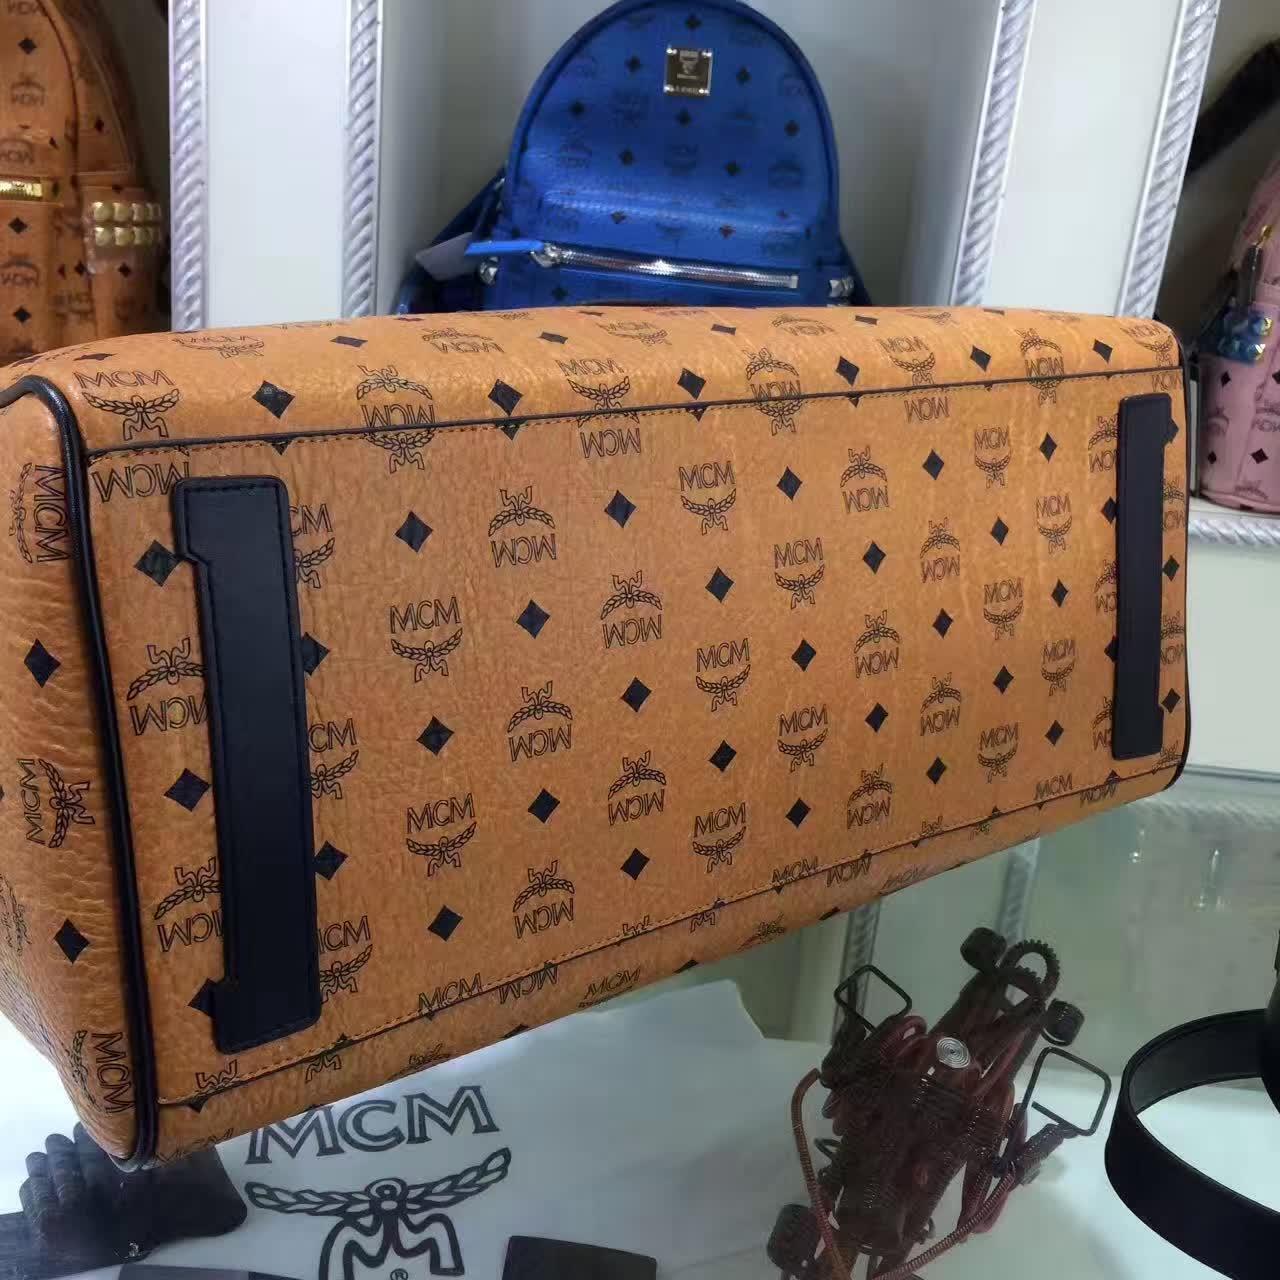 MCM男包 Nomad系列旅行袋 PVC配牛皮内里猪皮 铜牌独立编码 土黄